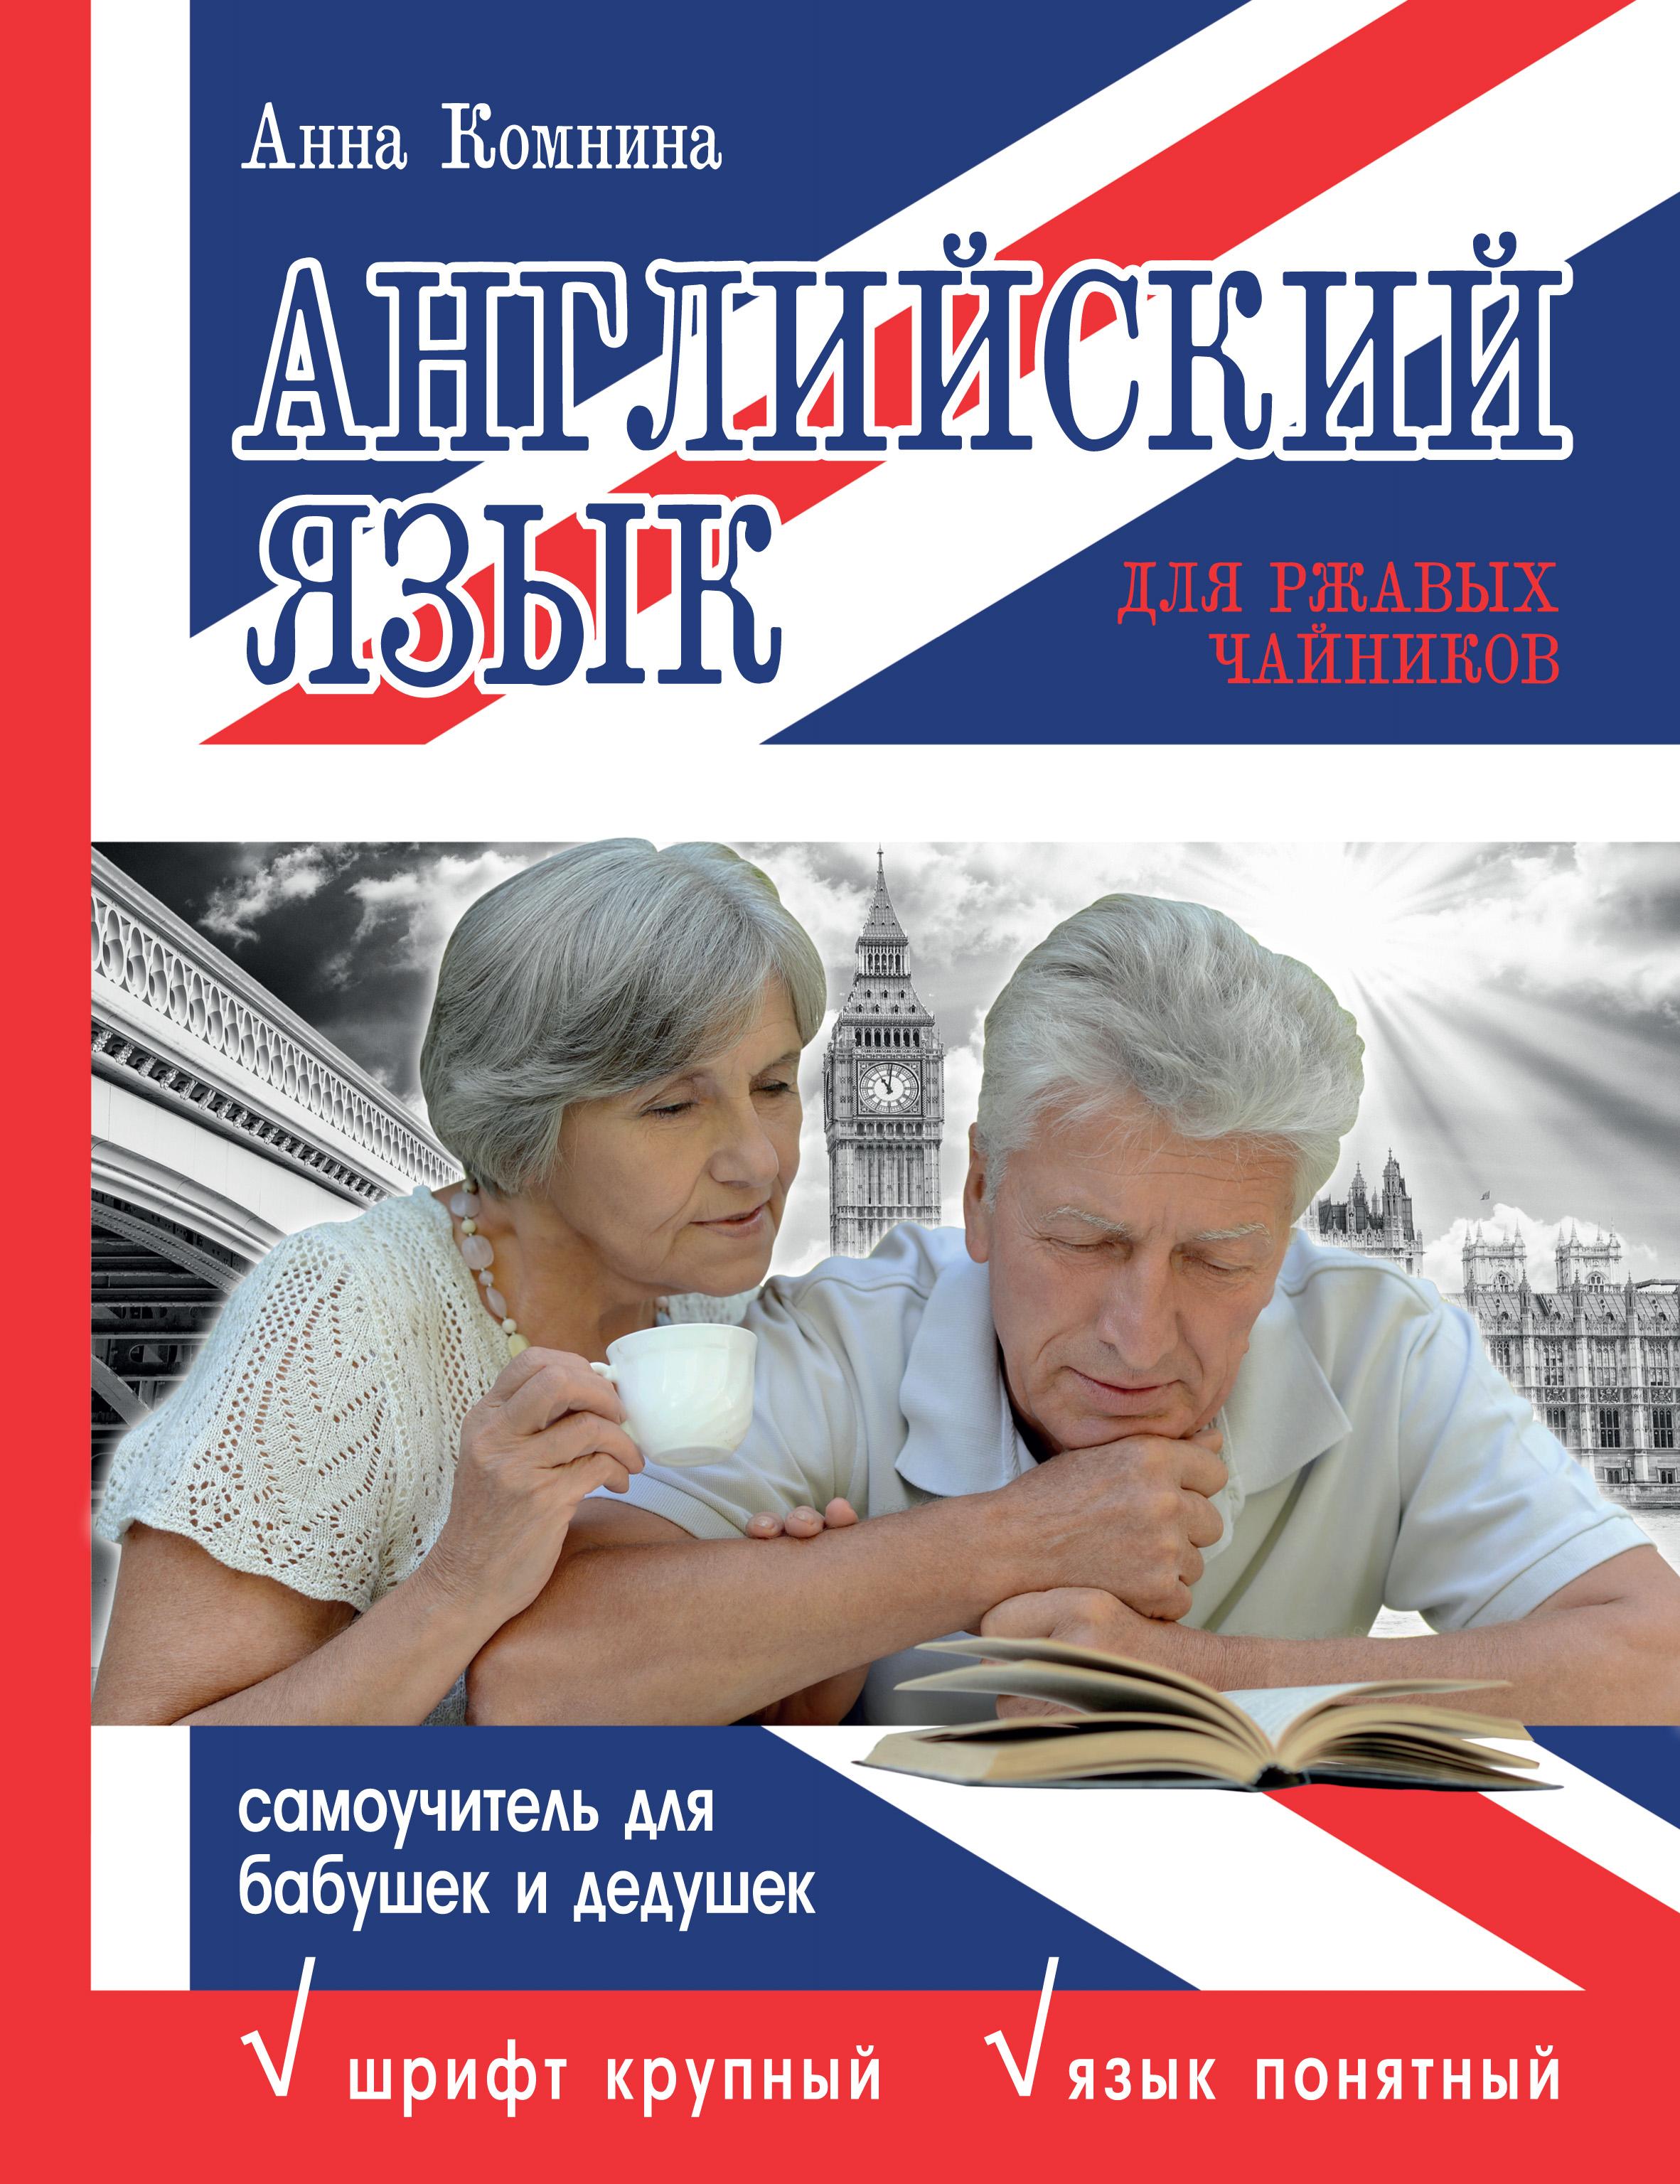 А. А. Комнина Английский язык для ржавых чайников: самоучитель для бабушек и дедушек цена в Москве и Питере